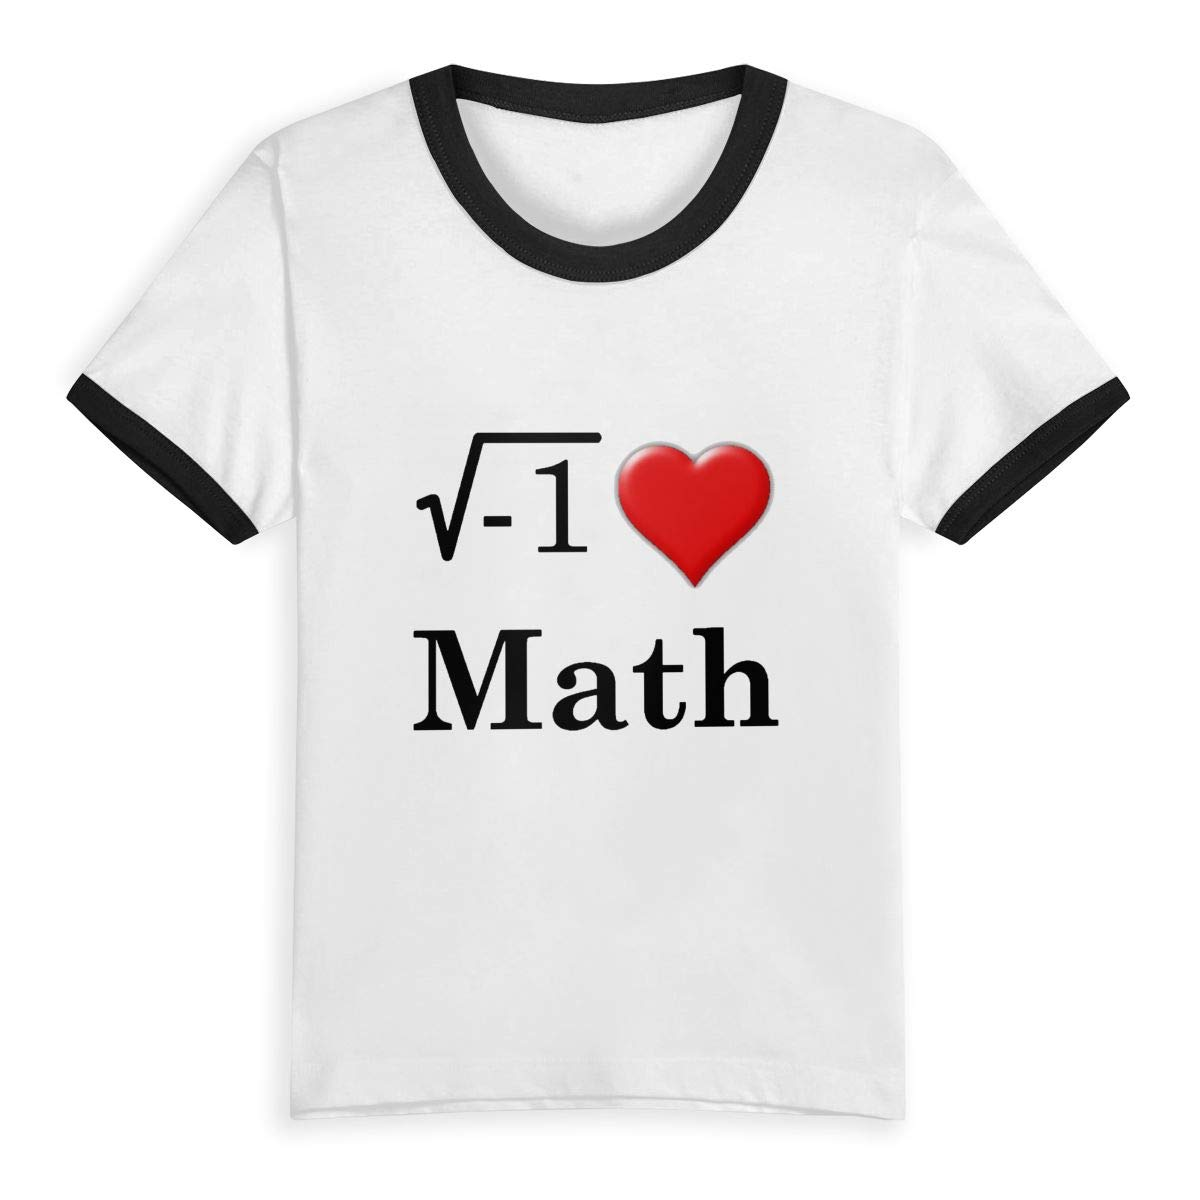 Kids T-Shirt Tops I Love Math Unisex Youths Short Sleeve T-Shirt